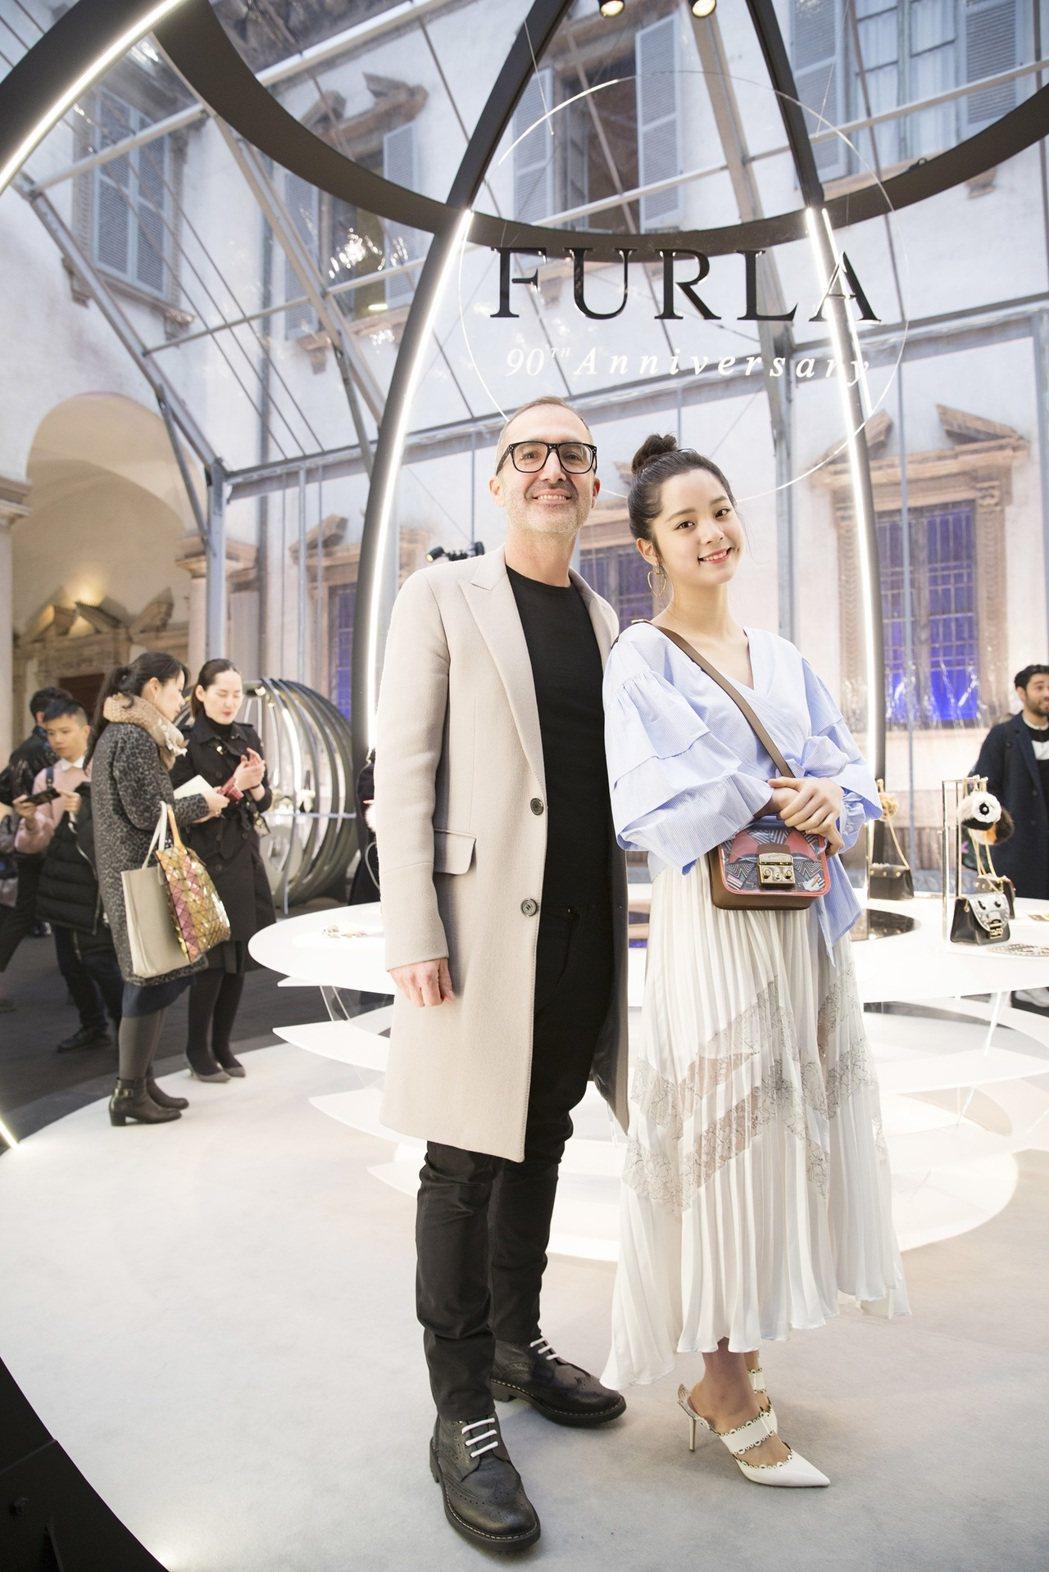 Furla創意總監Fabio Fusi和歐陽娜娜。圖/Furla提供